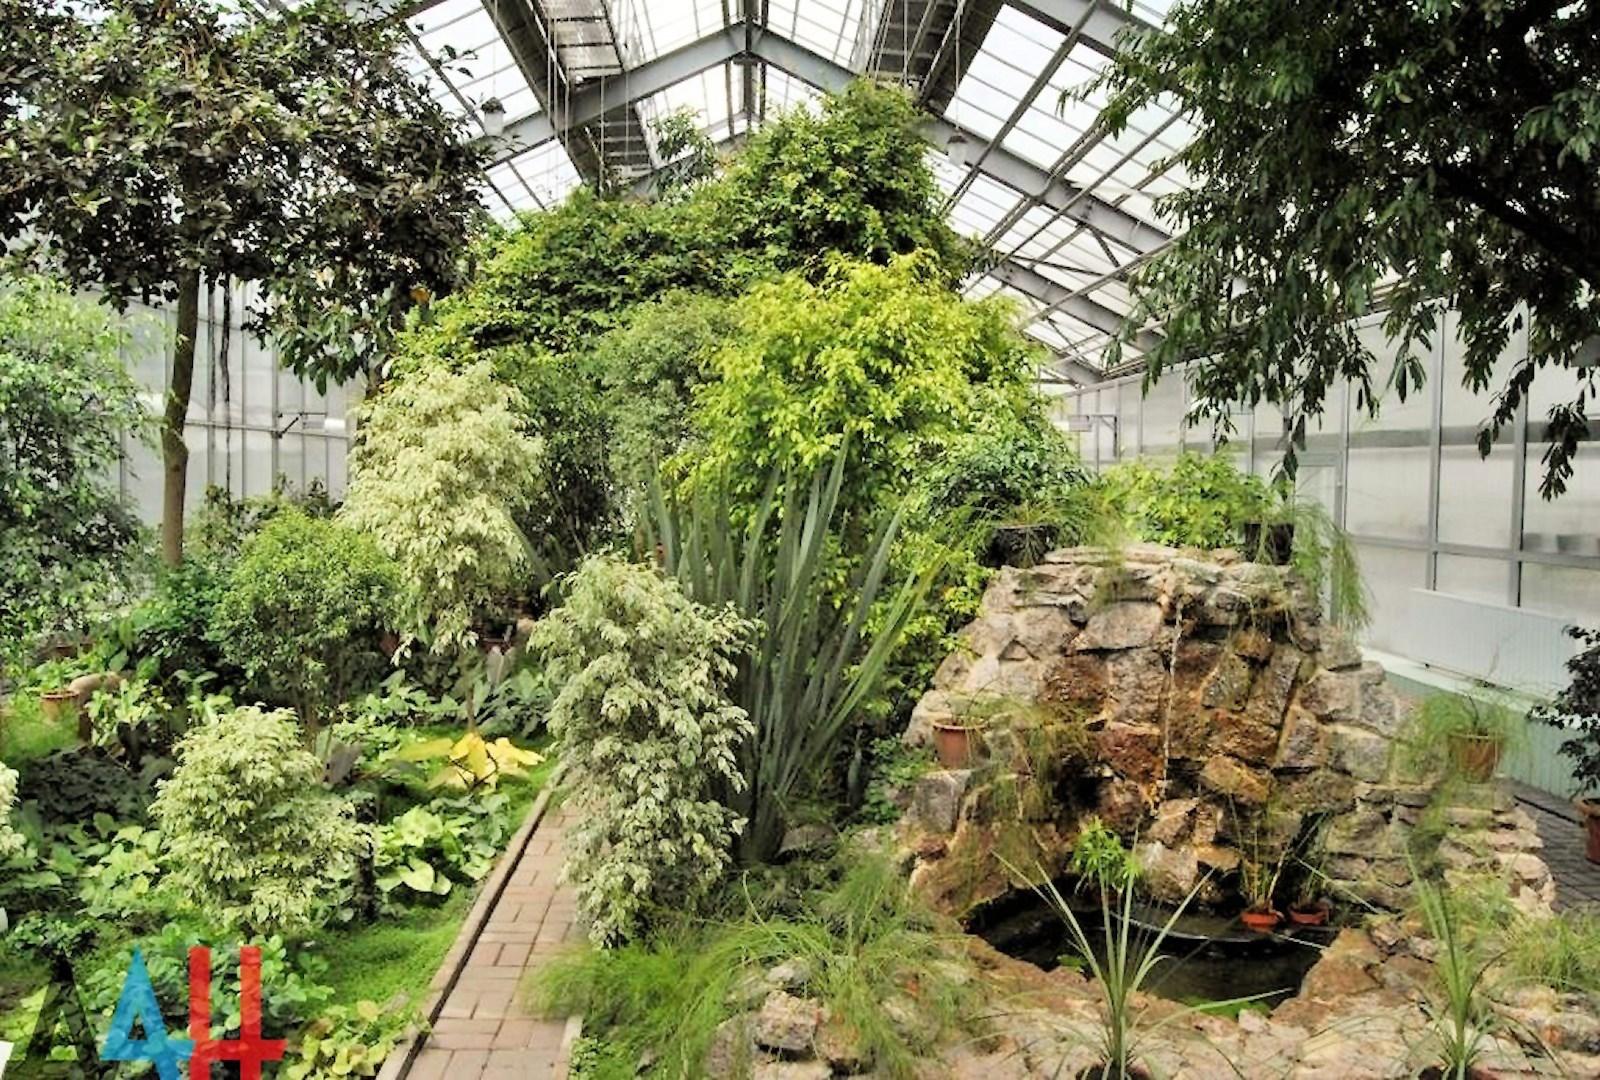 00 donetsk botanical garden 04. 20.05.15